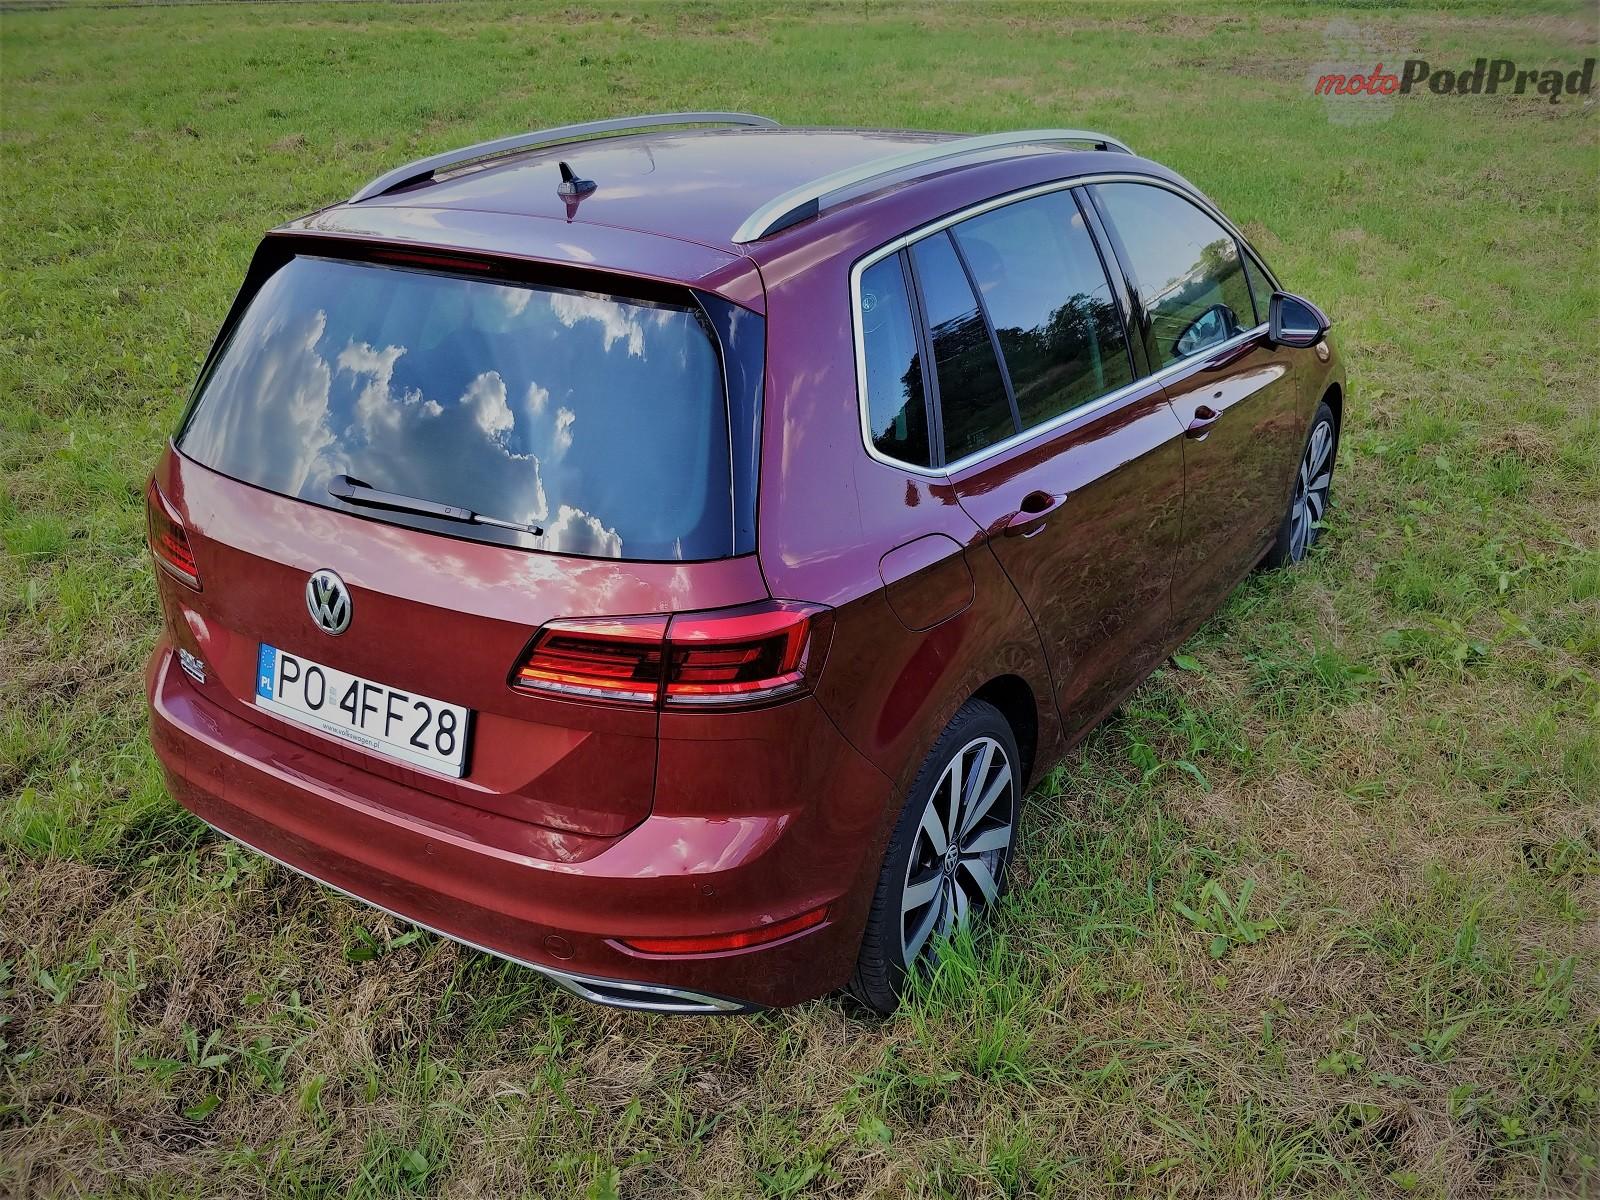 Volkswagen Golf Sportsvan 26 Test: Volkswagen Golf Sportsvan 1.5 TSI   garbaty anioł